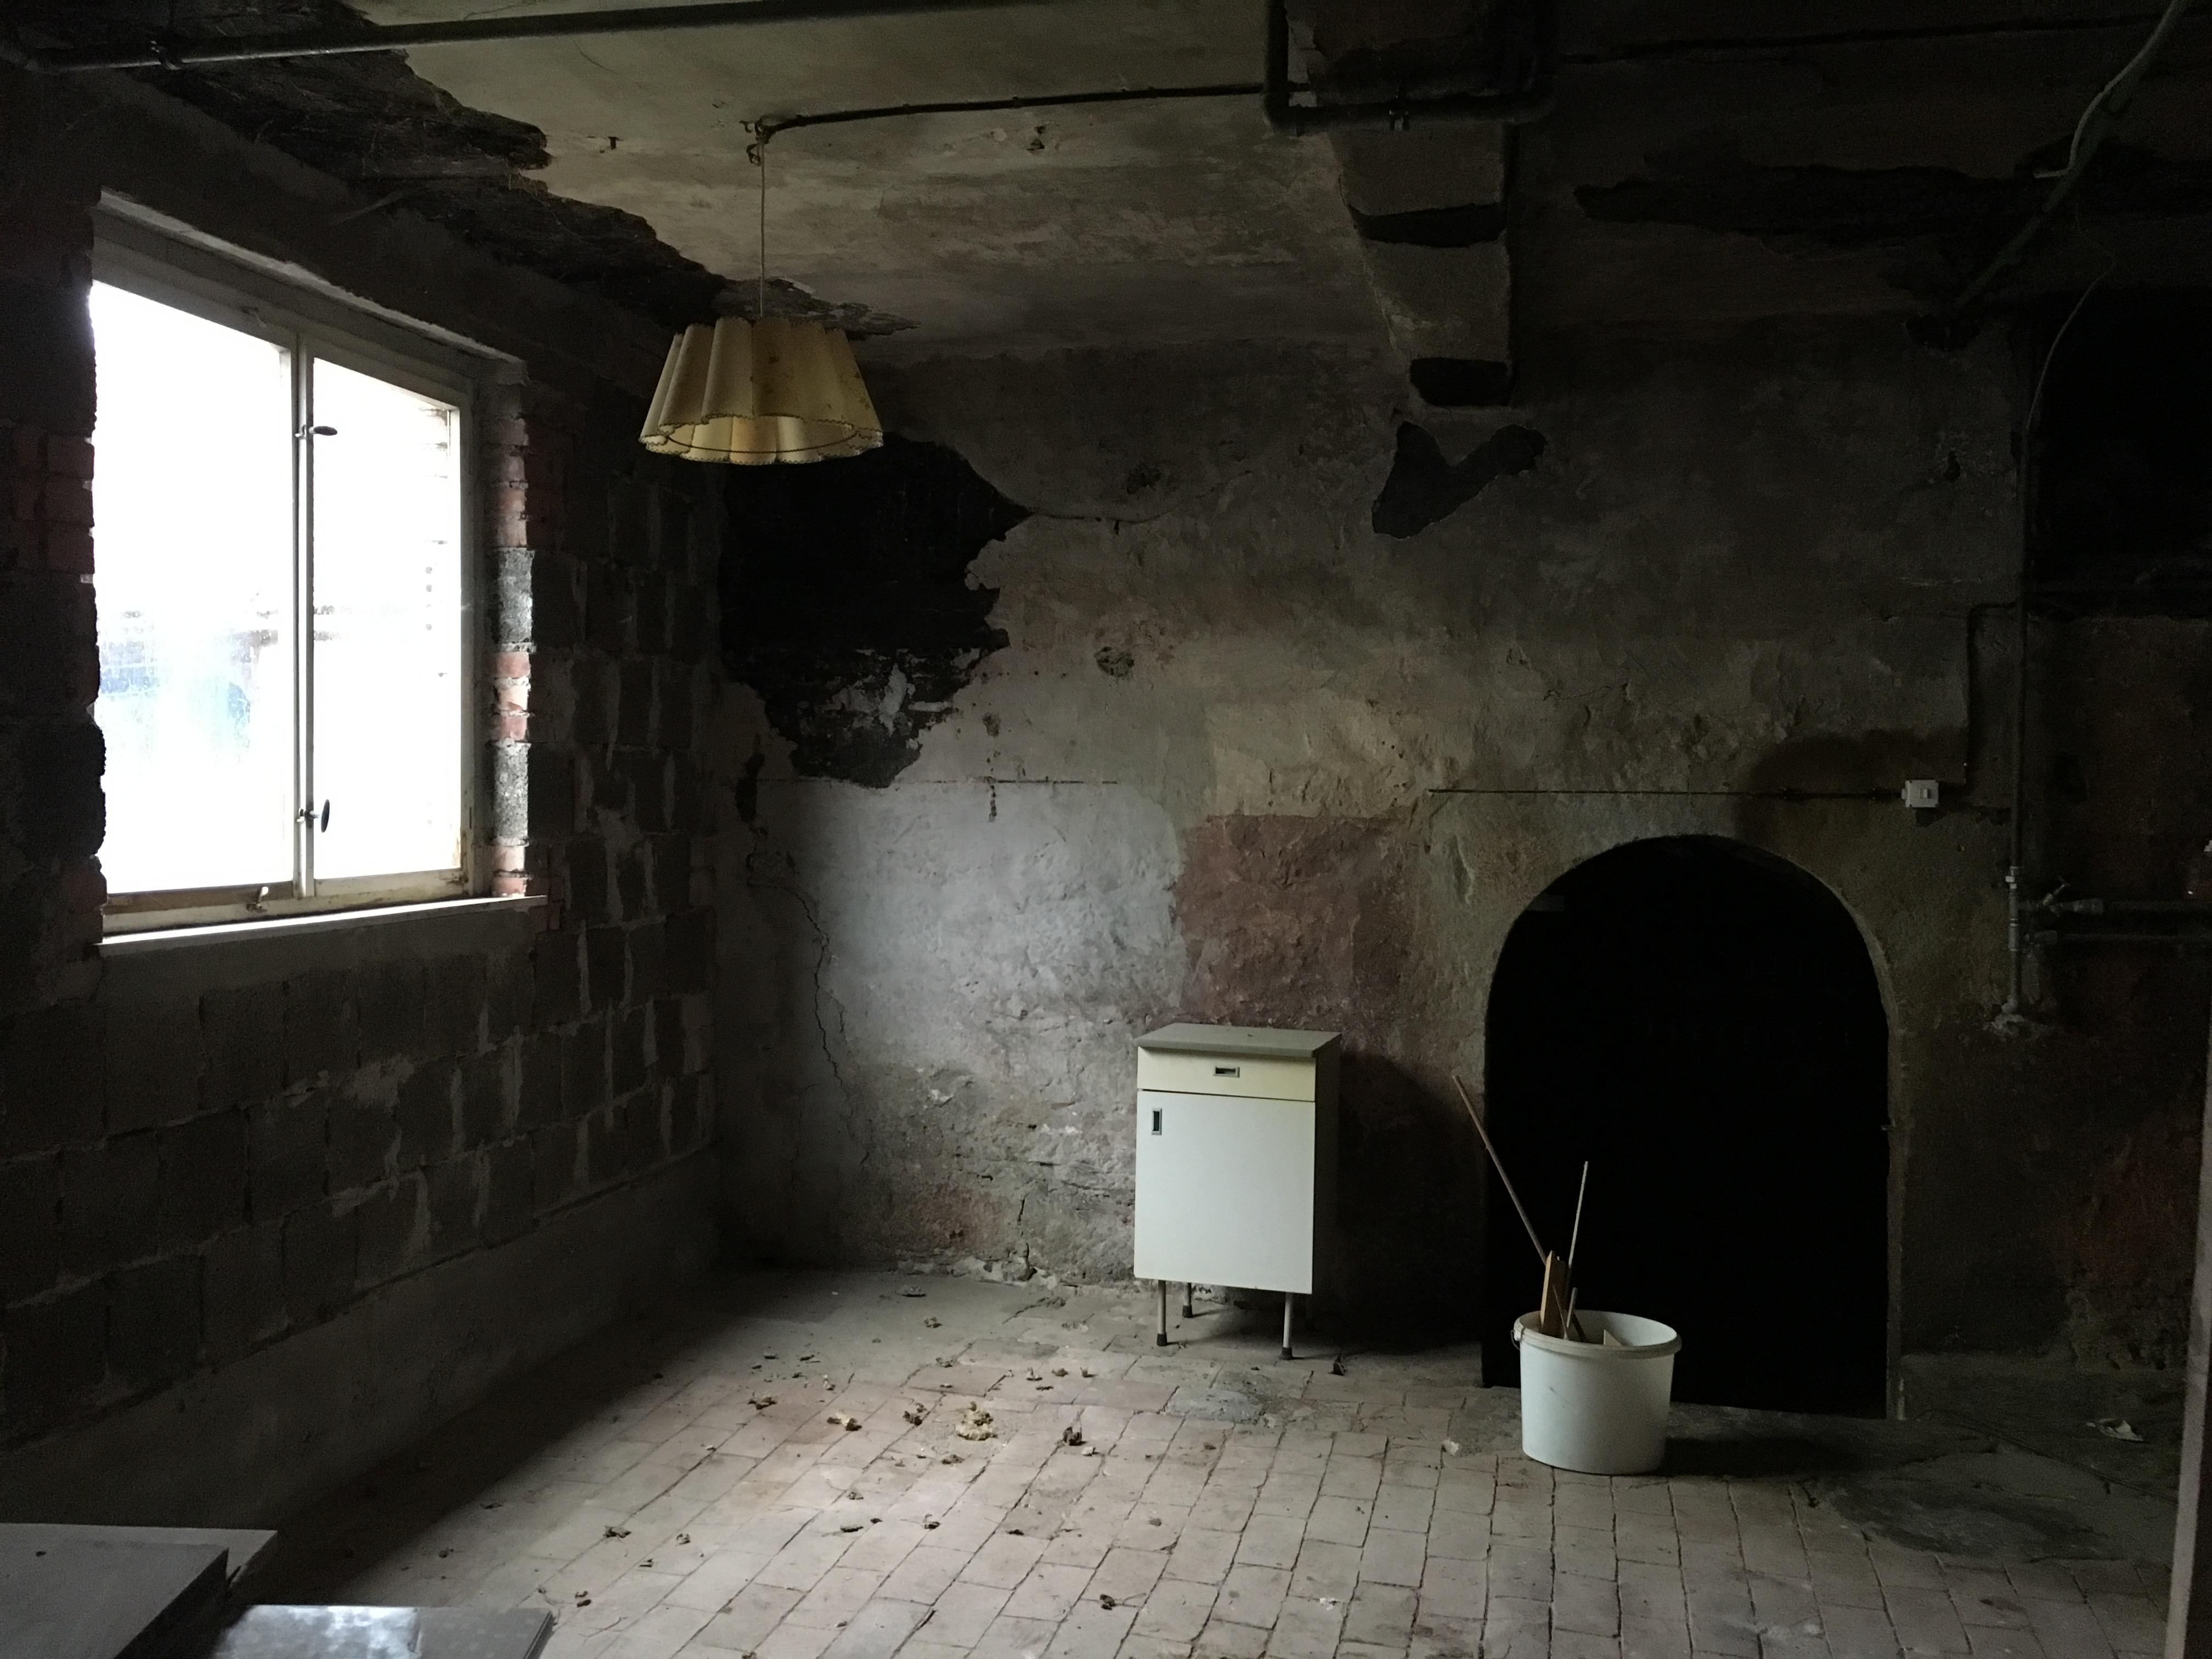 Schwarze Küche, Lehmgefache ausbauen – dysternis